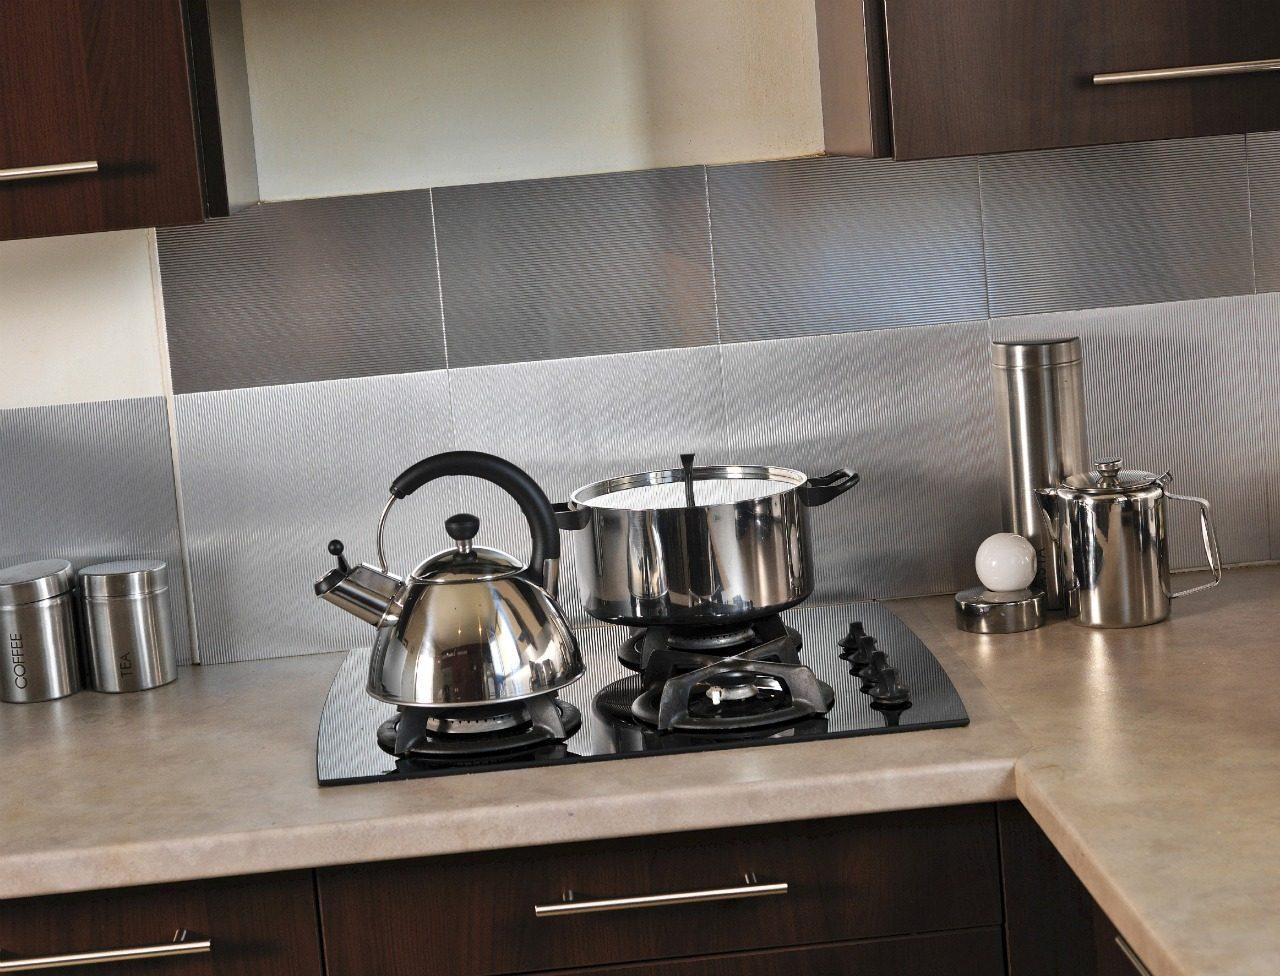 Galer a de im genes azulejos adhesivos para cocina - Vinilos para azulejos de cocina ...